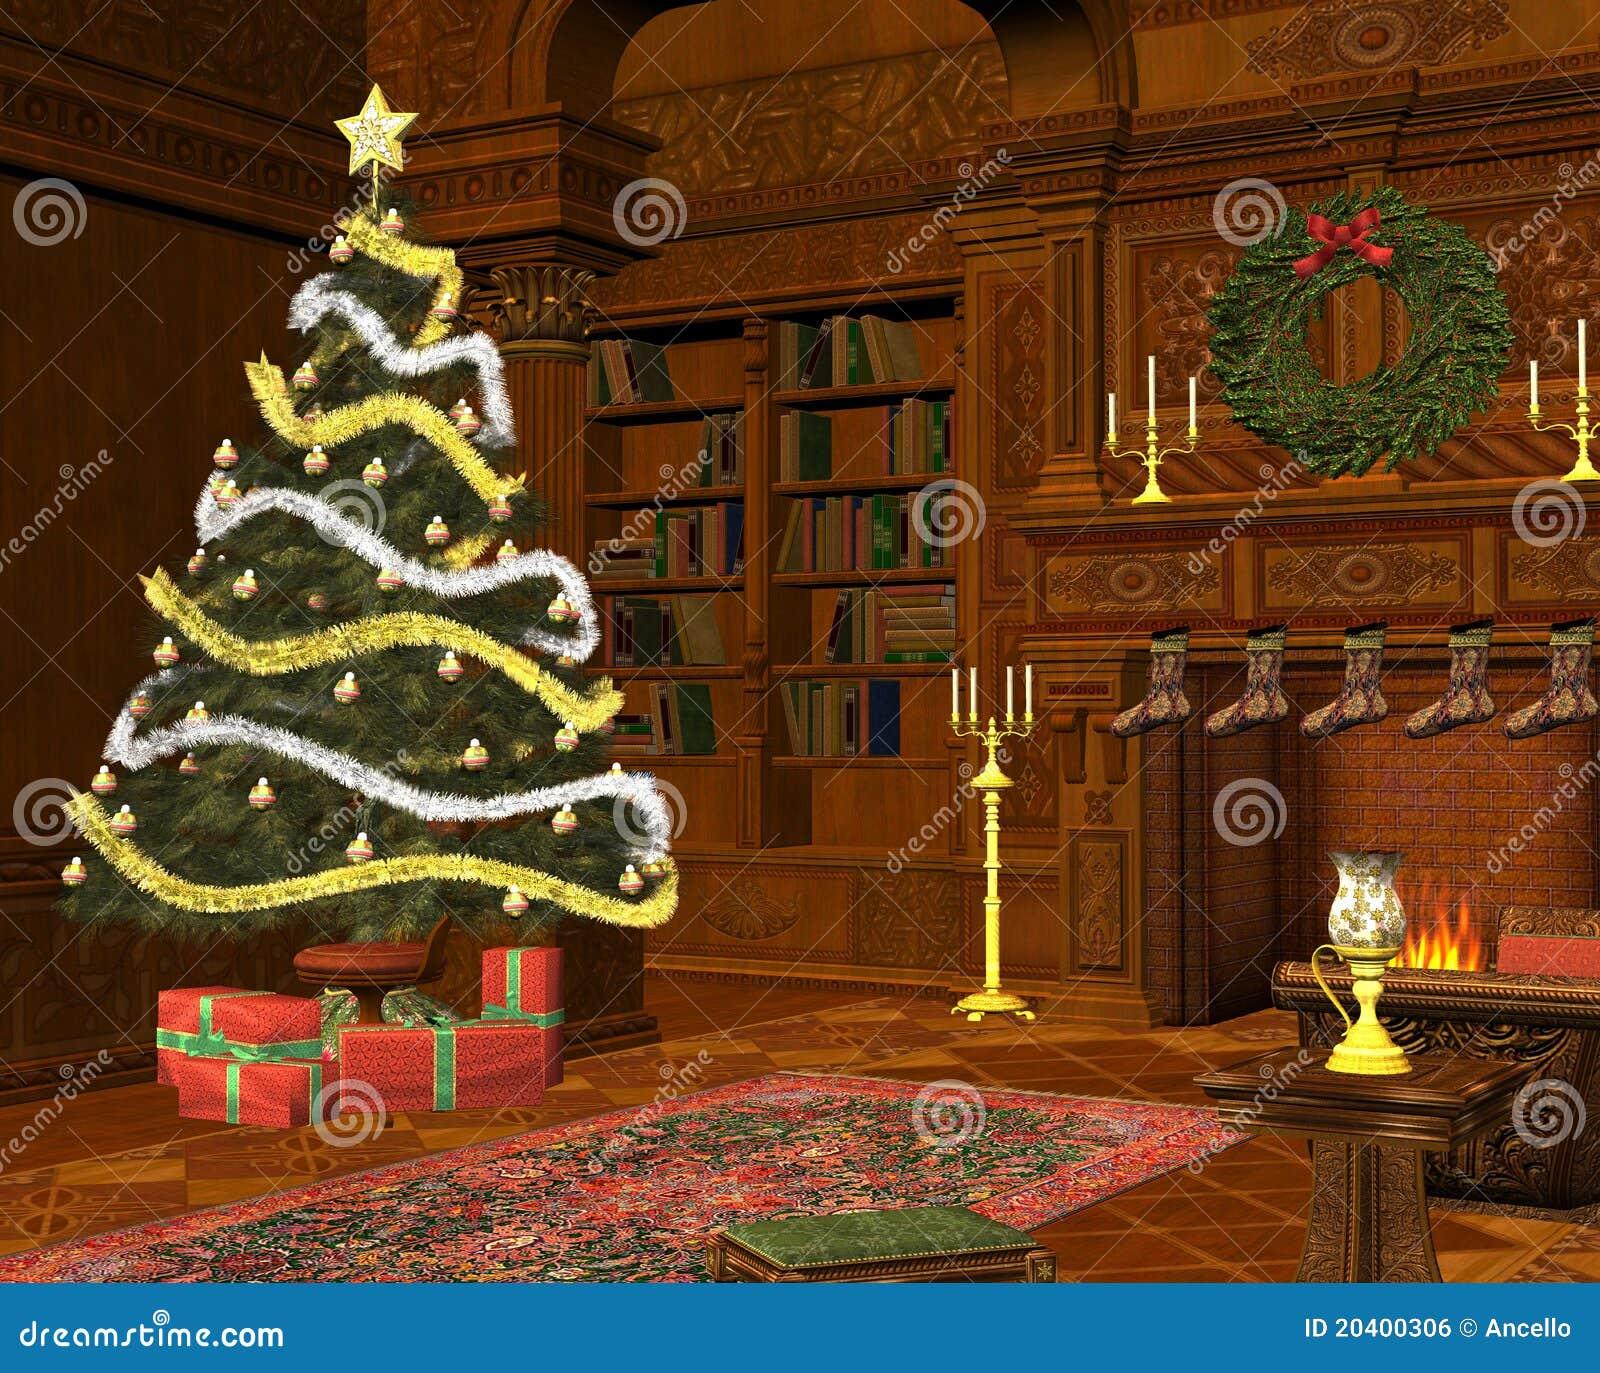 Christmas Room christmas room royalty free stock image - image: 20400306